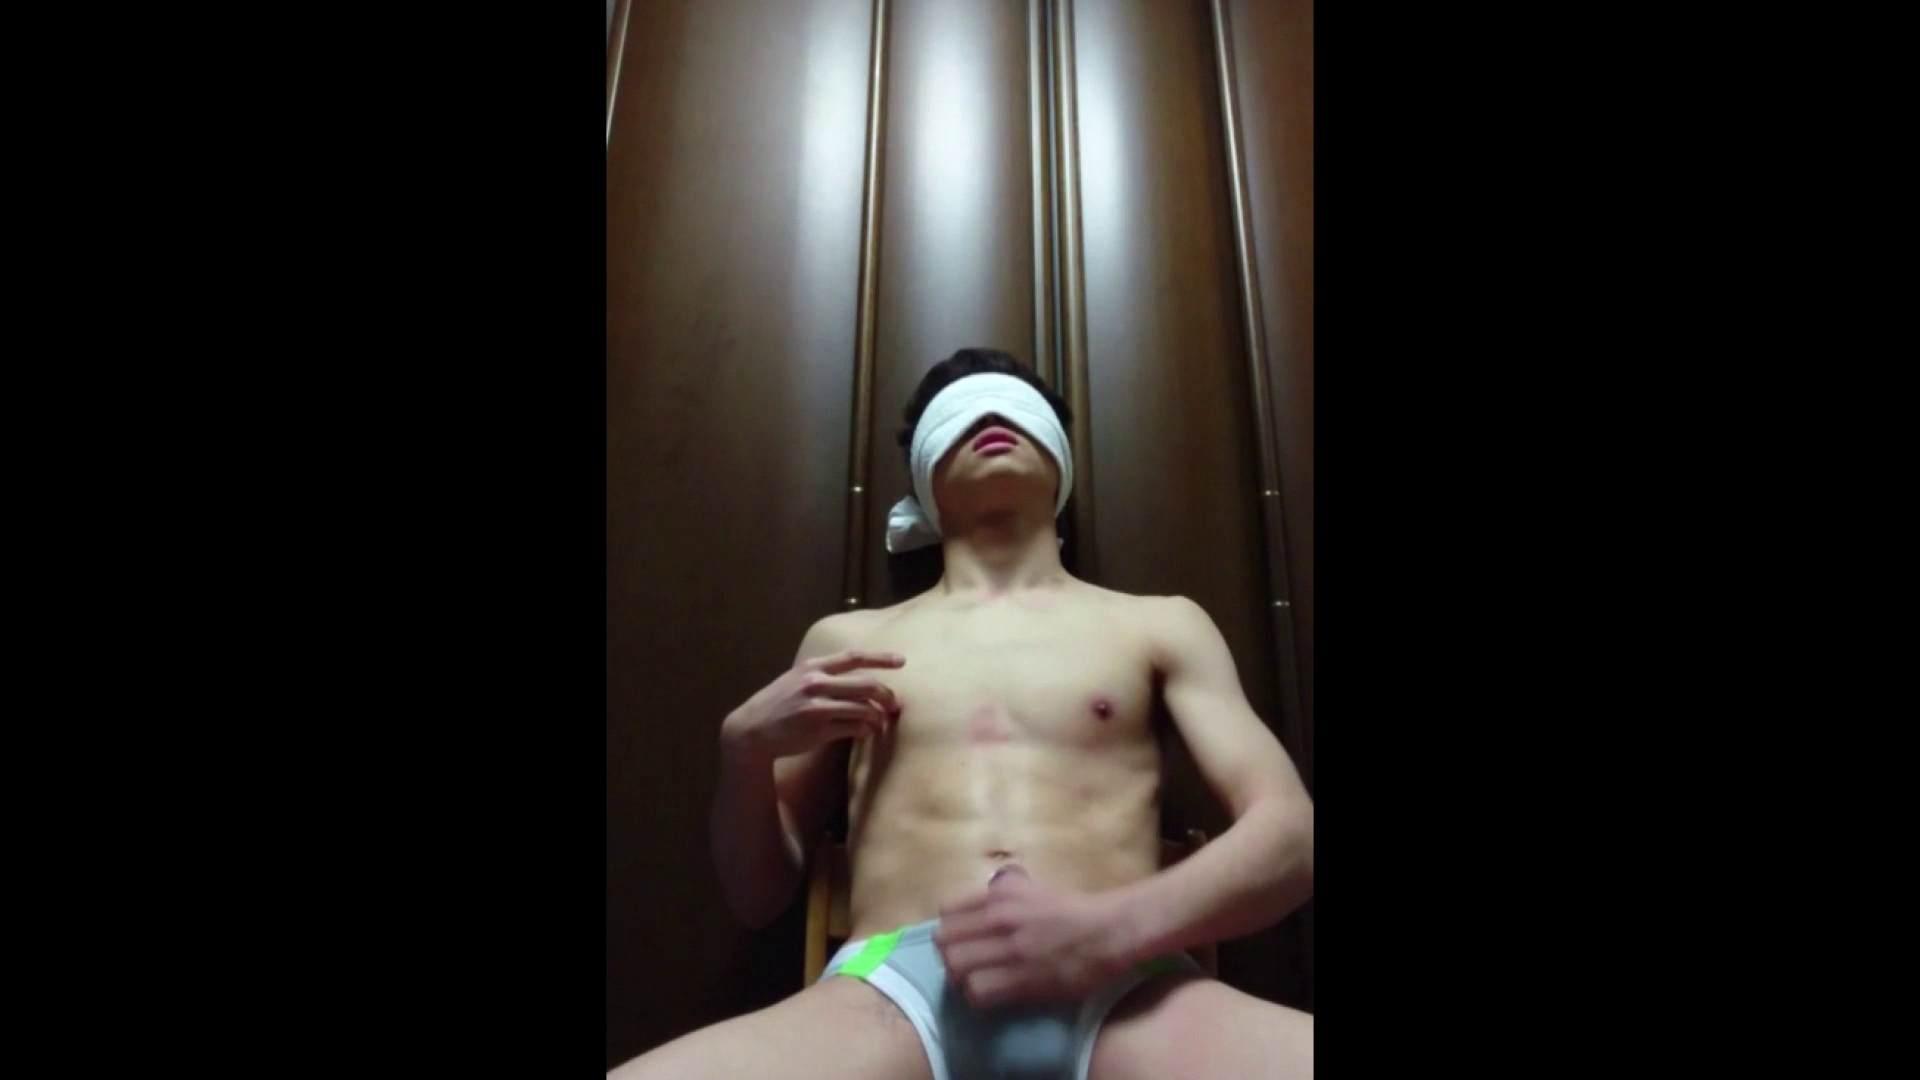 個人撮影 自慰の極意 Vol.21 オナニー ゲイ無修正動画画像 93pic 92